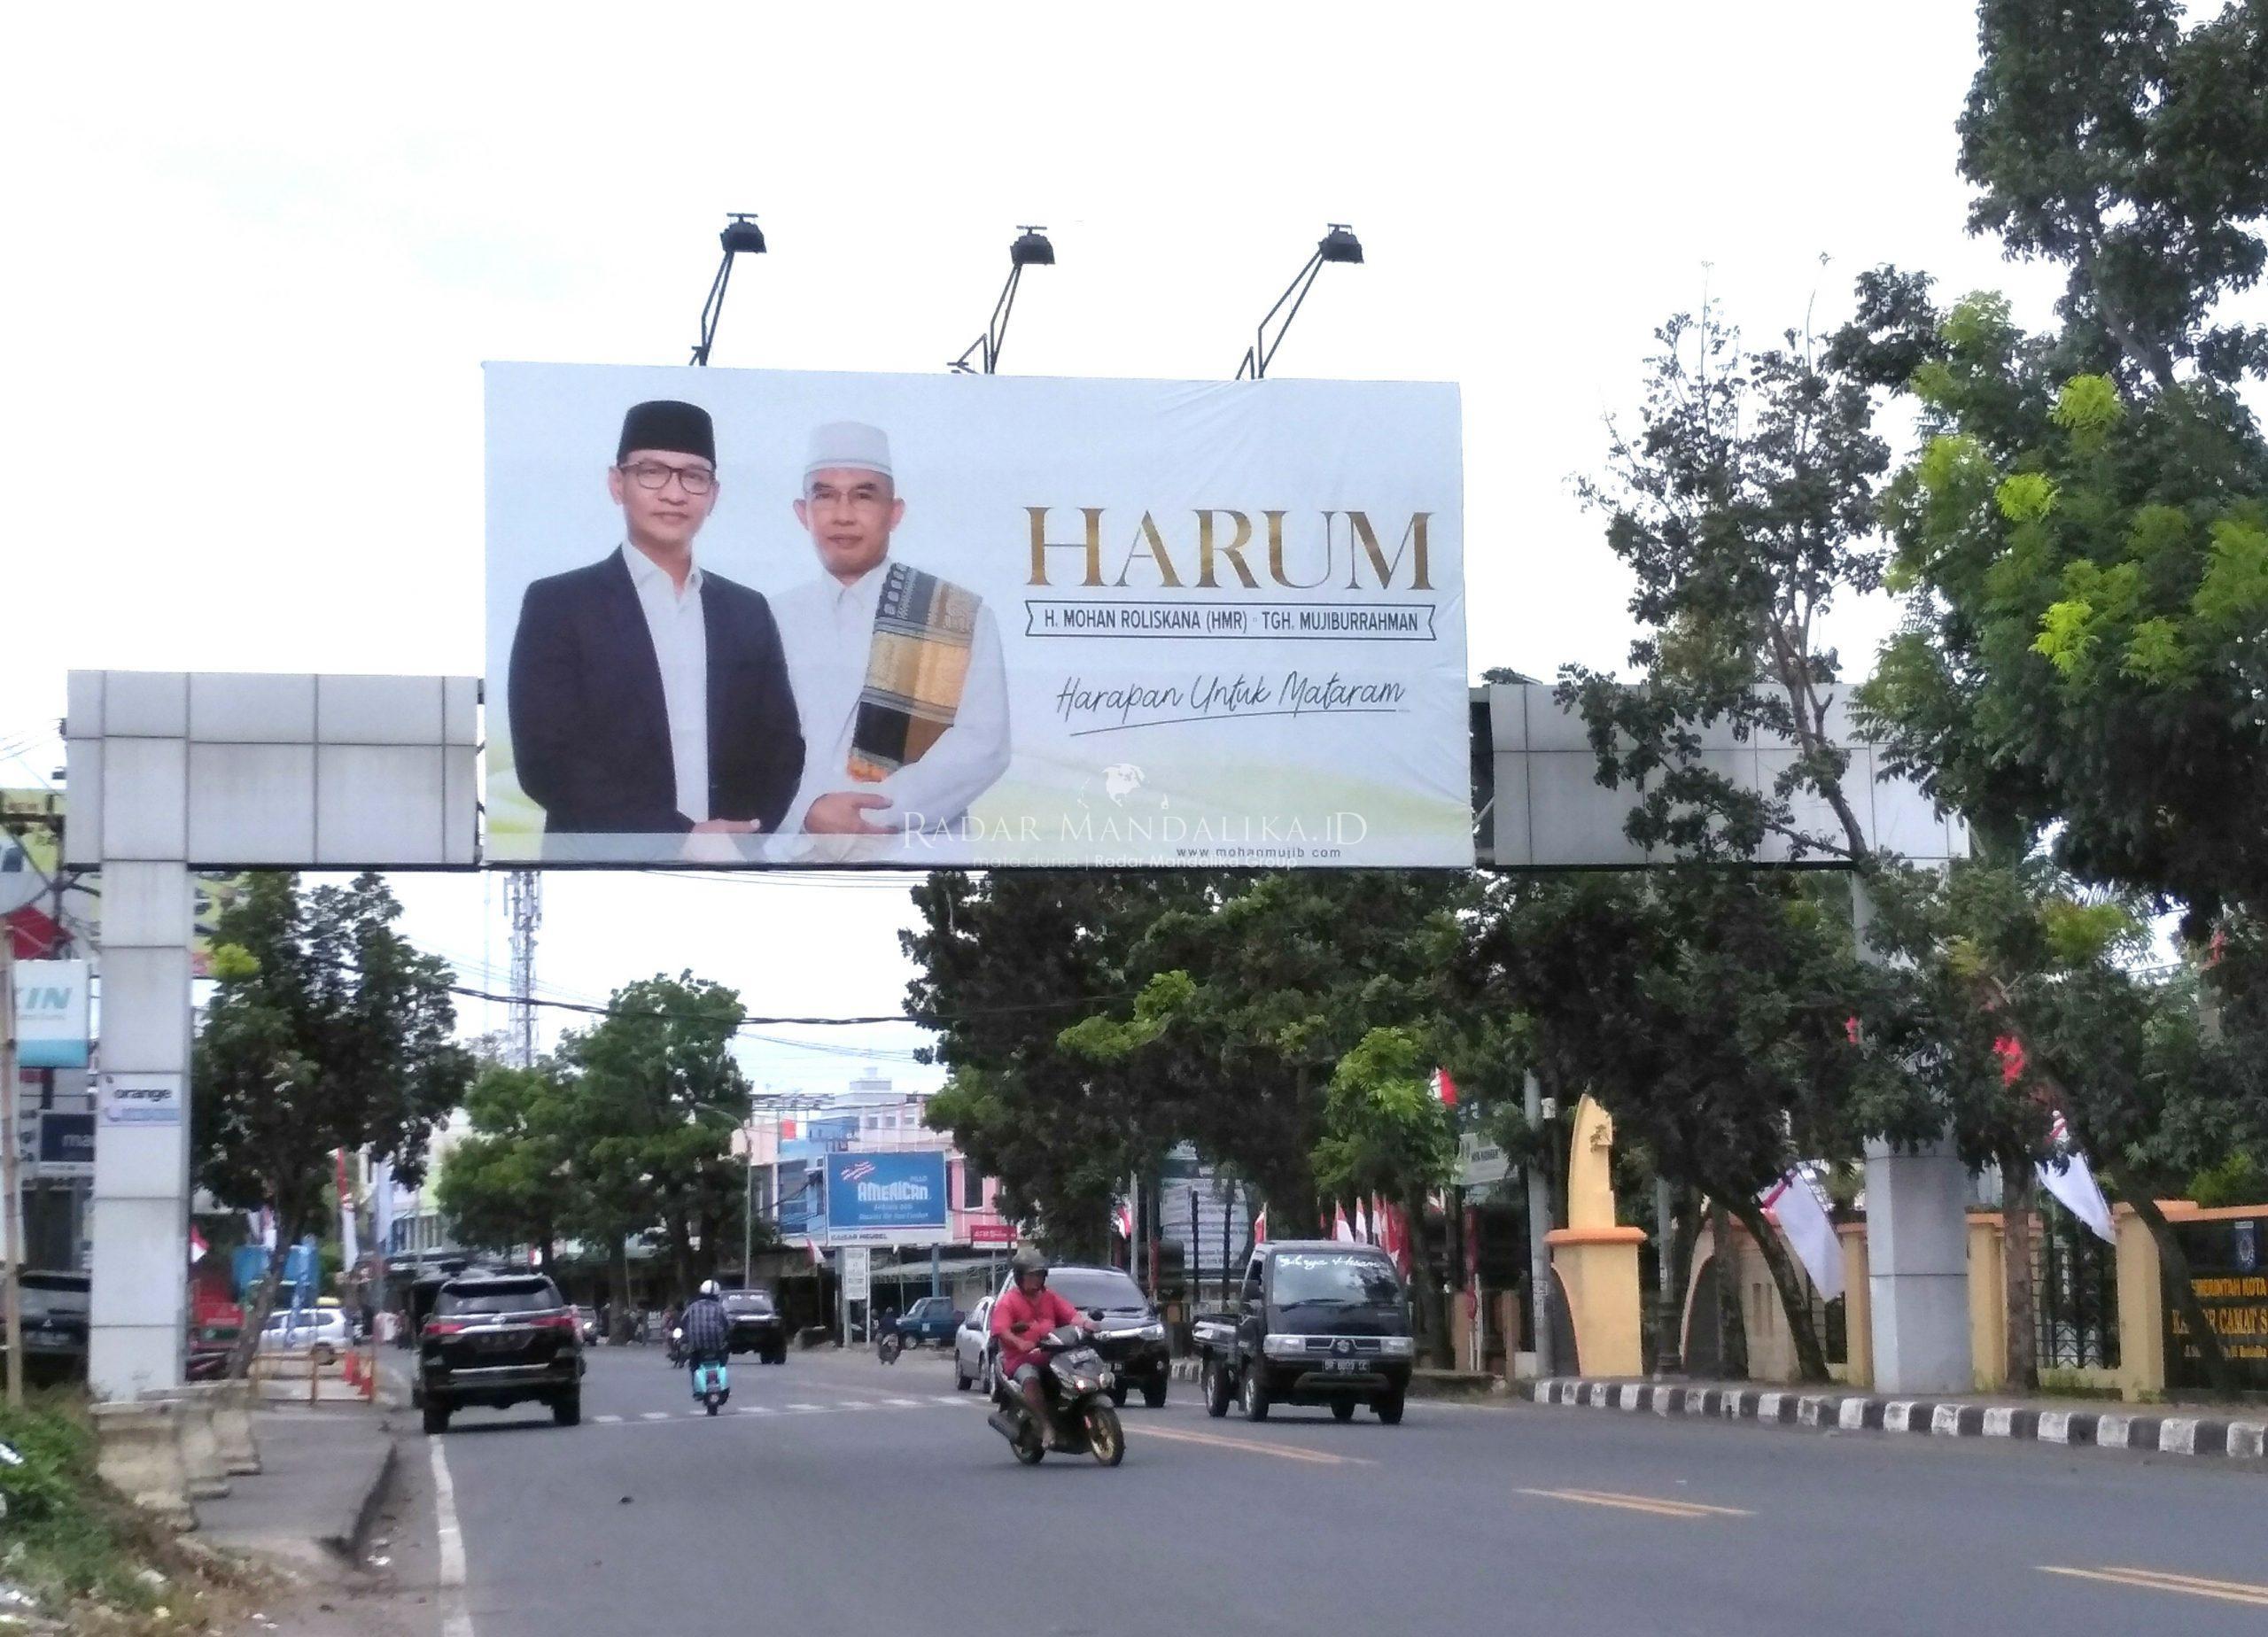 HARUM scaled